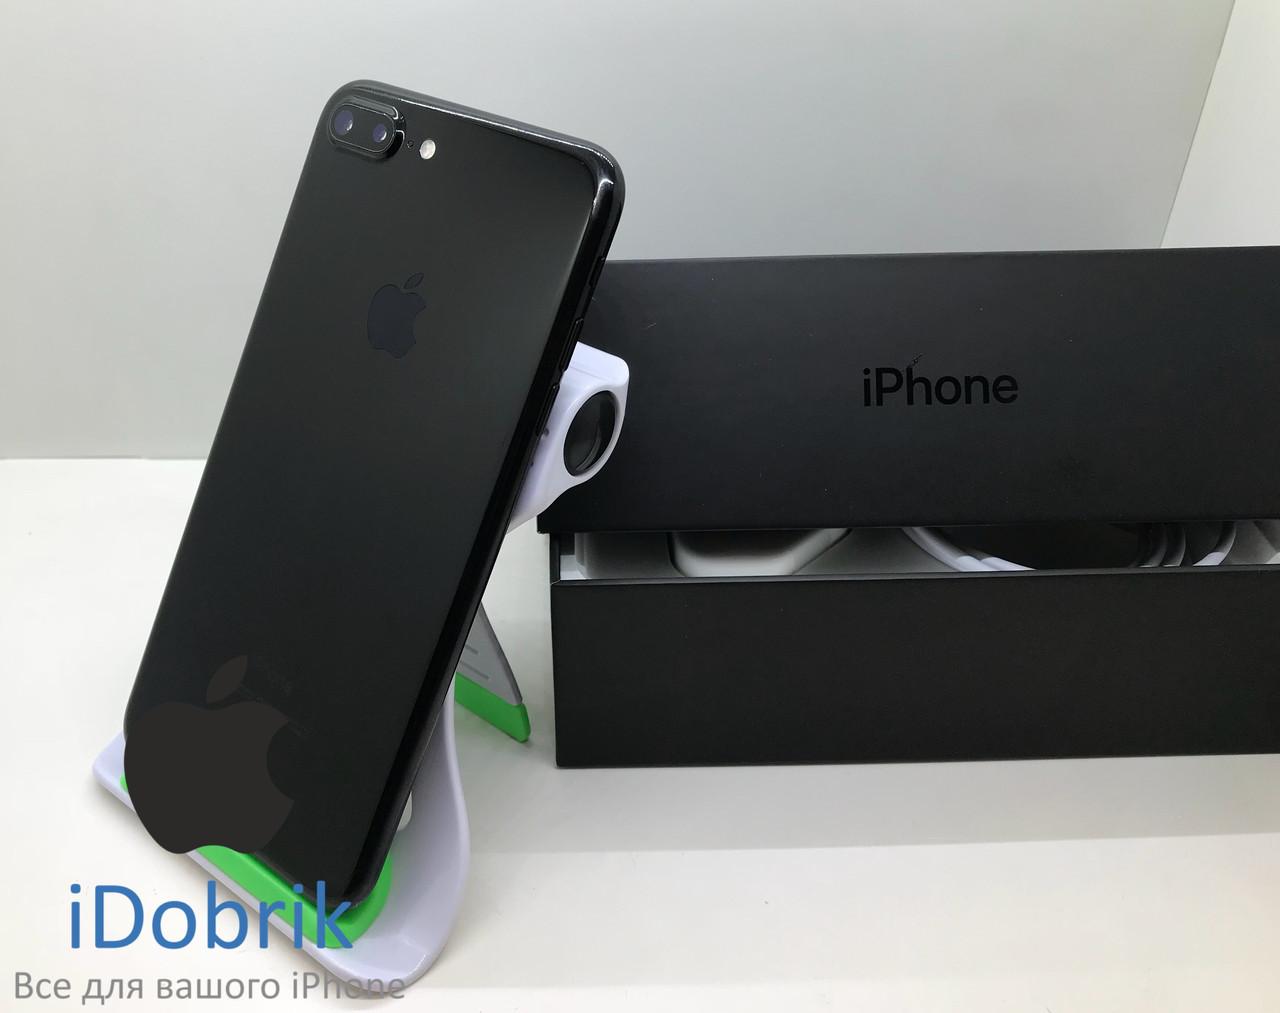 Б/У iPhone 7 Plus 256gb Jet Black Neverlock 10/10